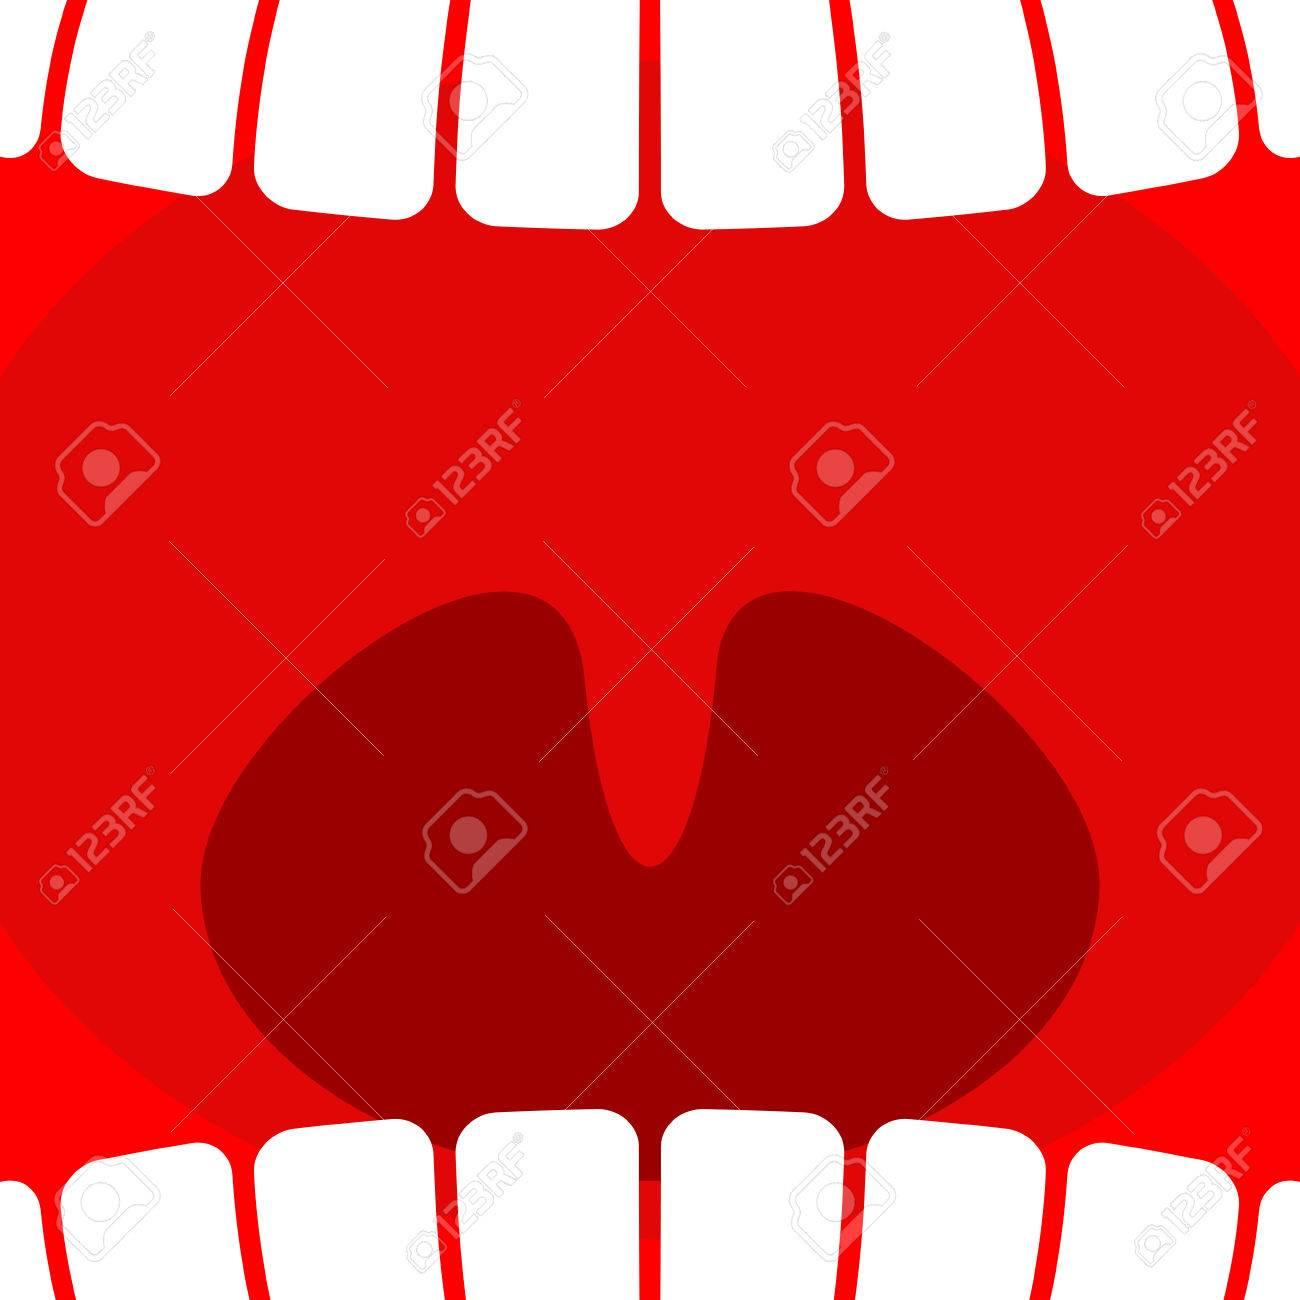 Offener Mund. Zähne Und Hals Hintergrund. Larynx Lizenzfrei Nutzbare ...